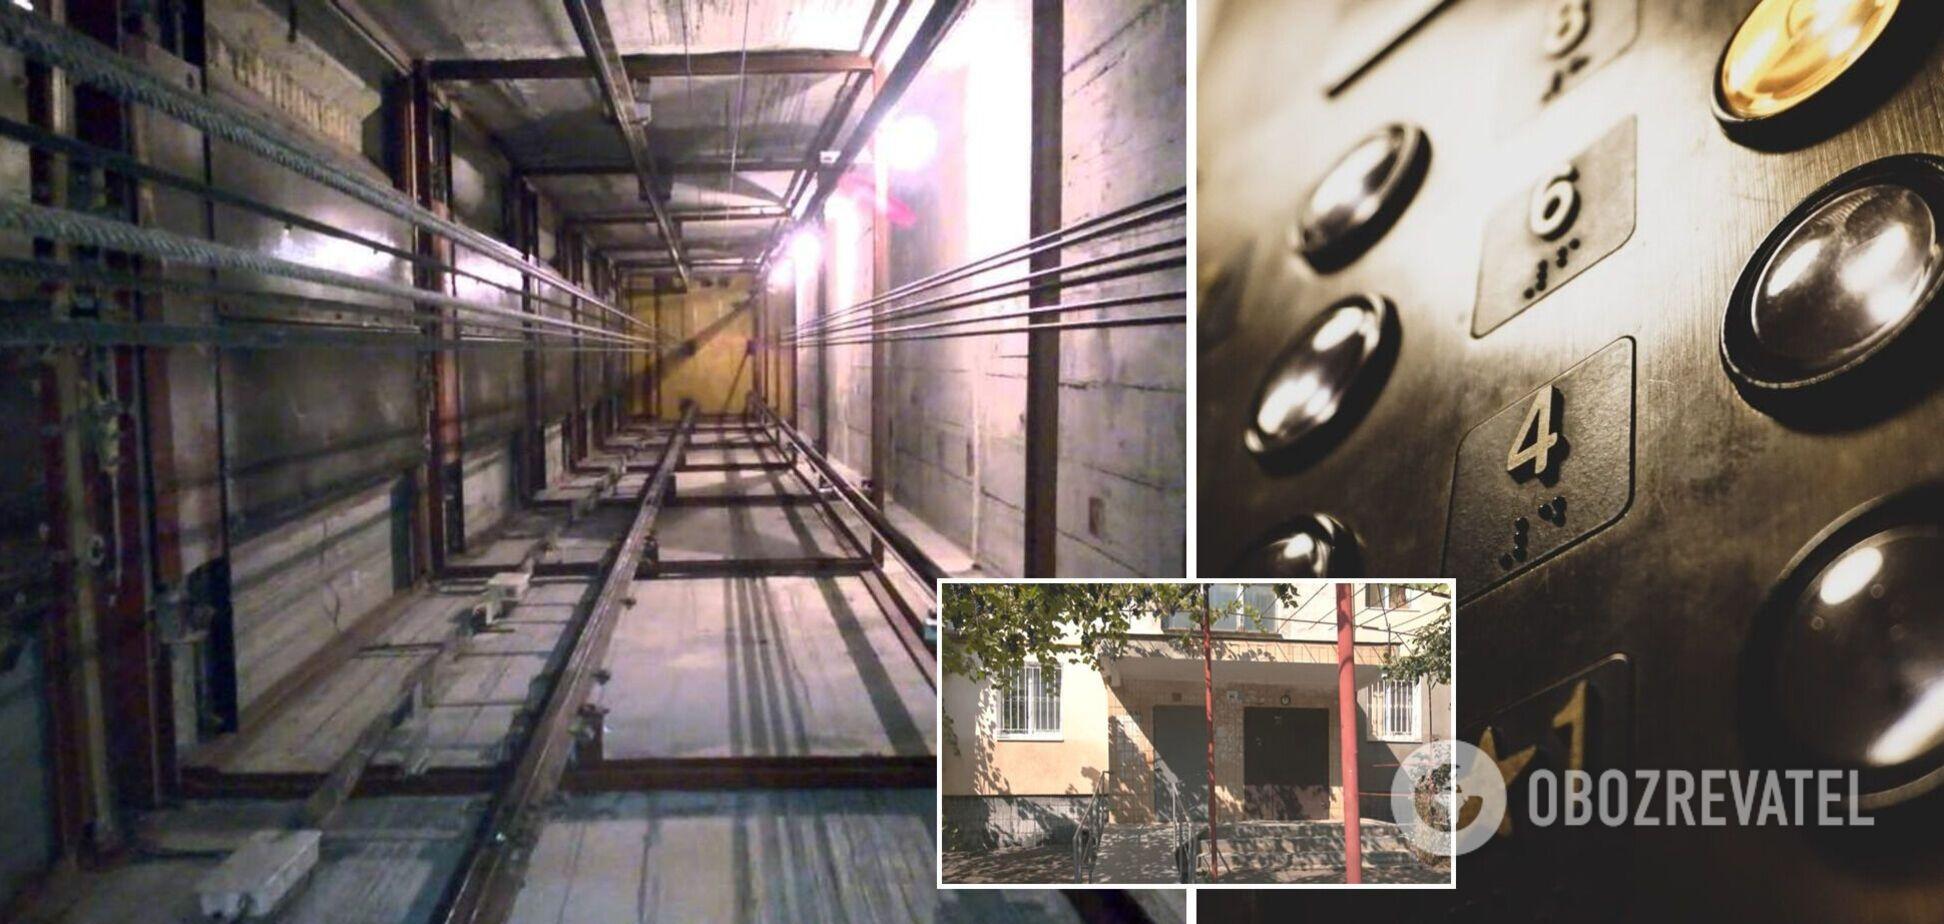 В Одесі обірвався ліфт у багатоповерхівці, матір із дітьми дивом врятувалися. Фото, відео і всі подробиці